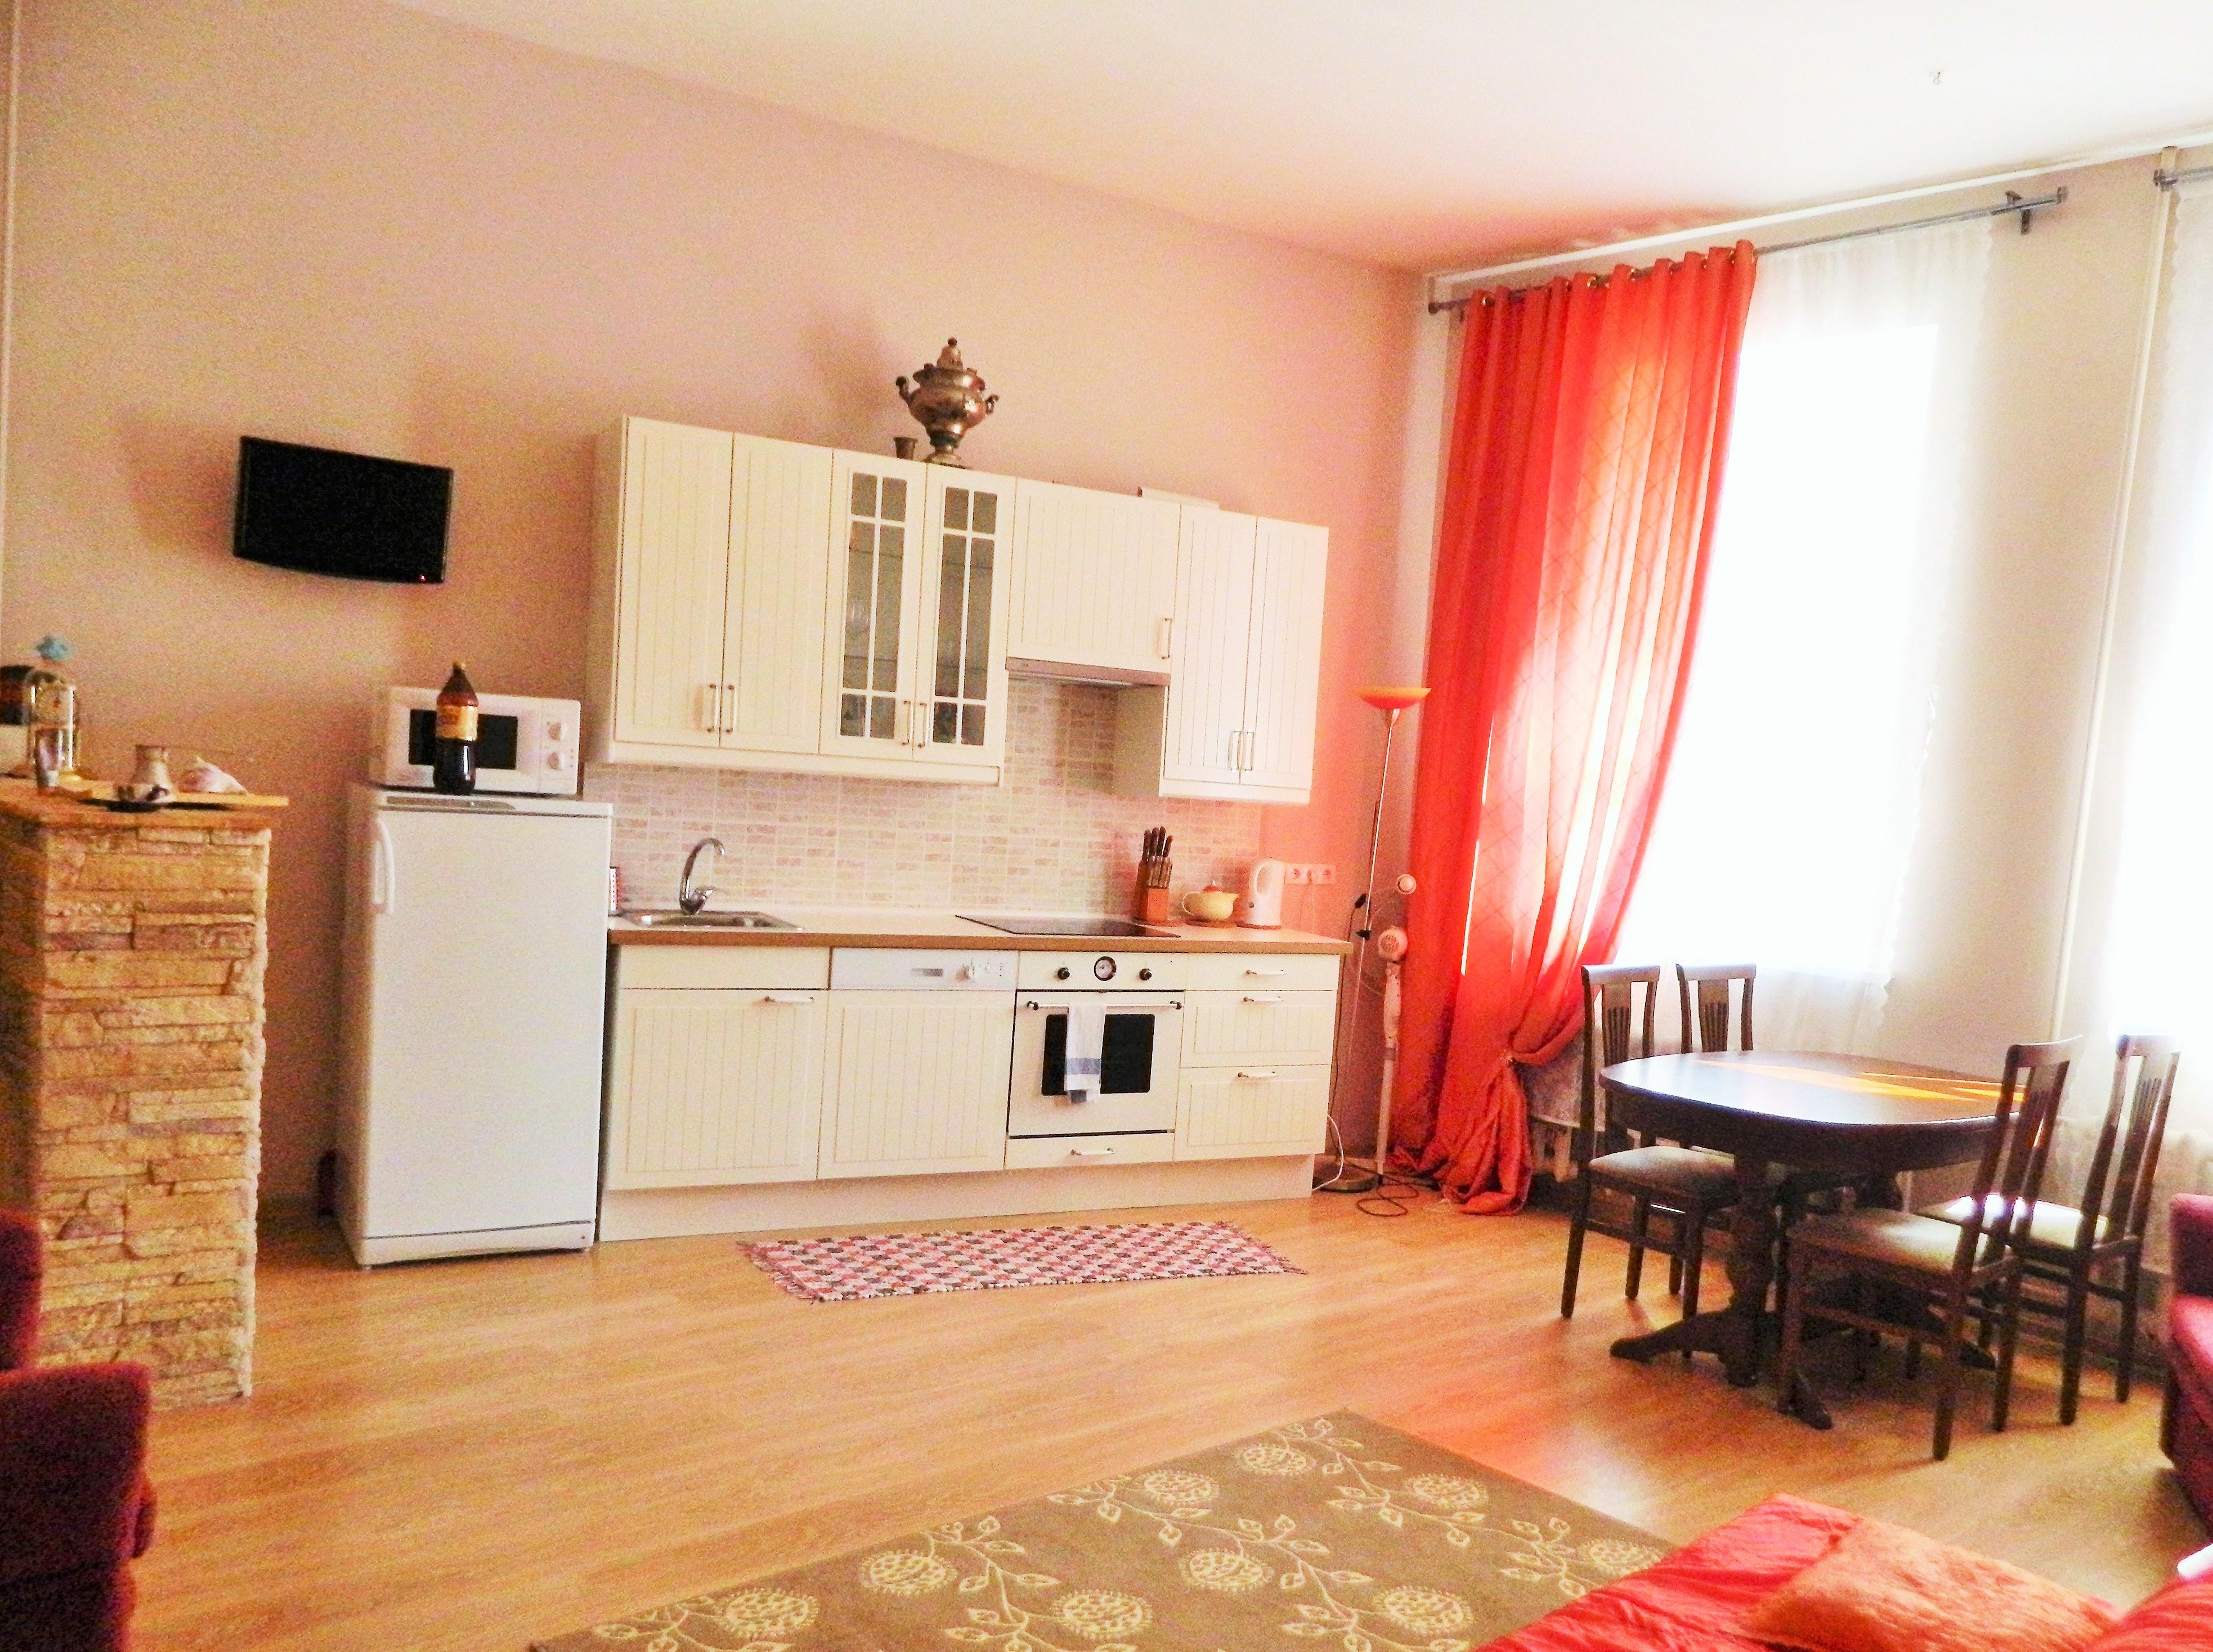 Hervorragende Wohnung in der Innenstadt von St Petersburg